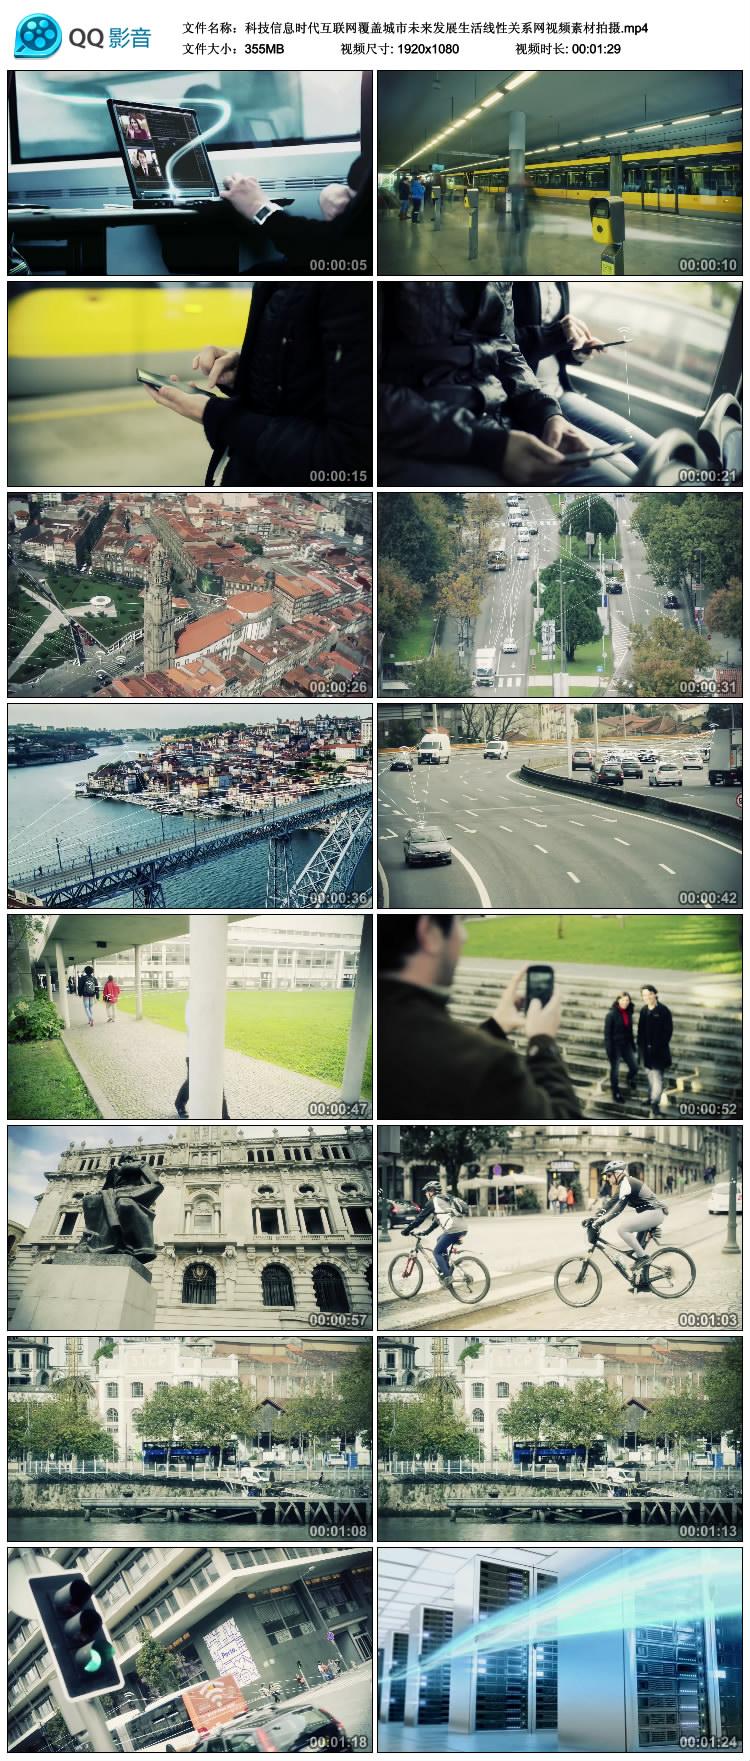 科技信息时代互联网覆盖城市未来发展生活线性关系网高清视频素材